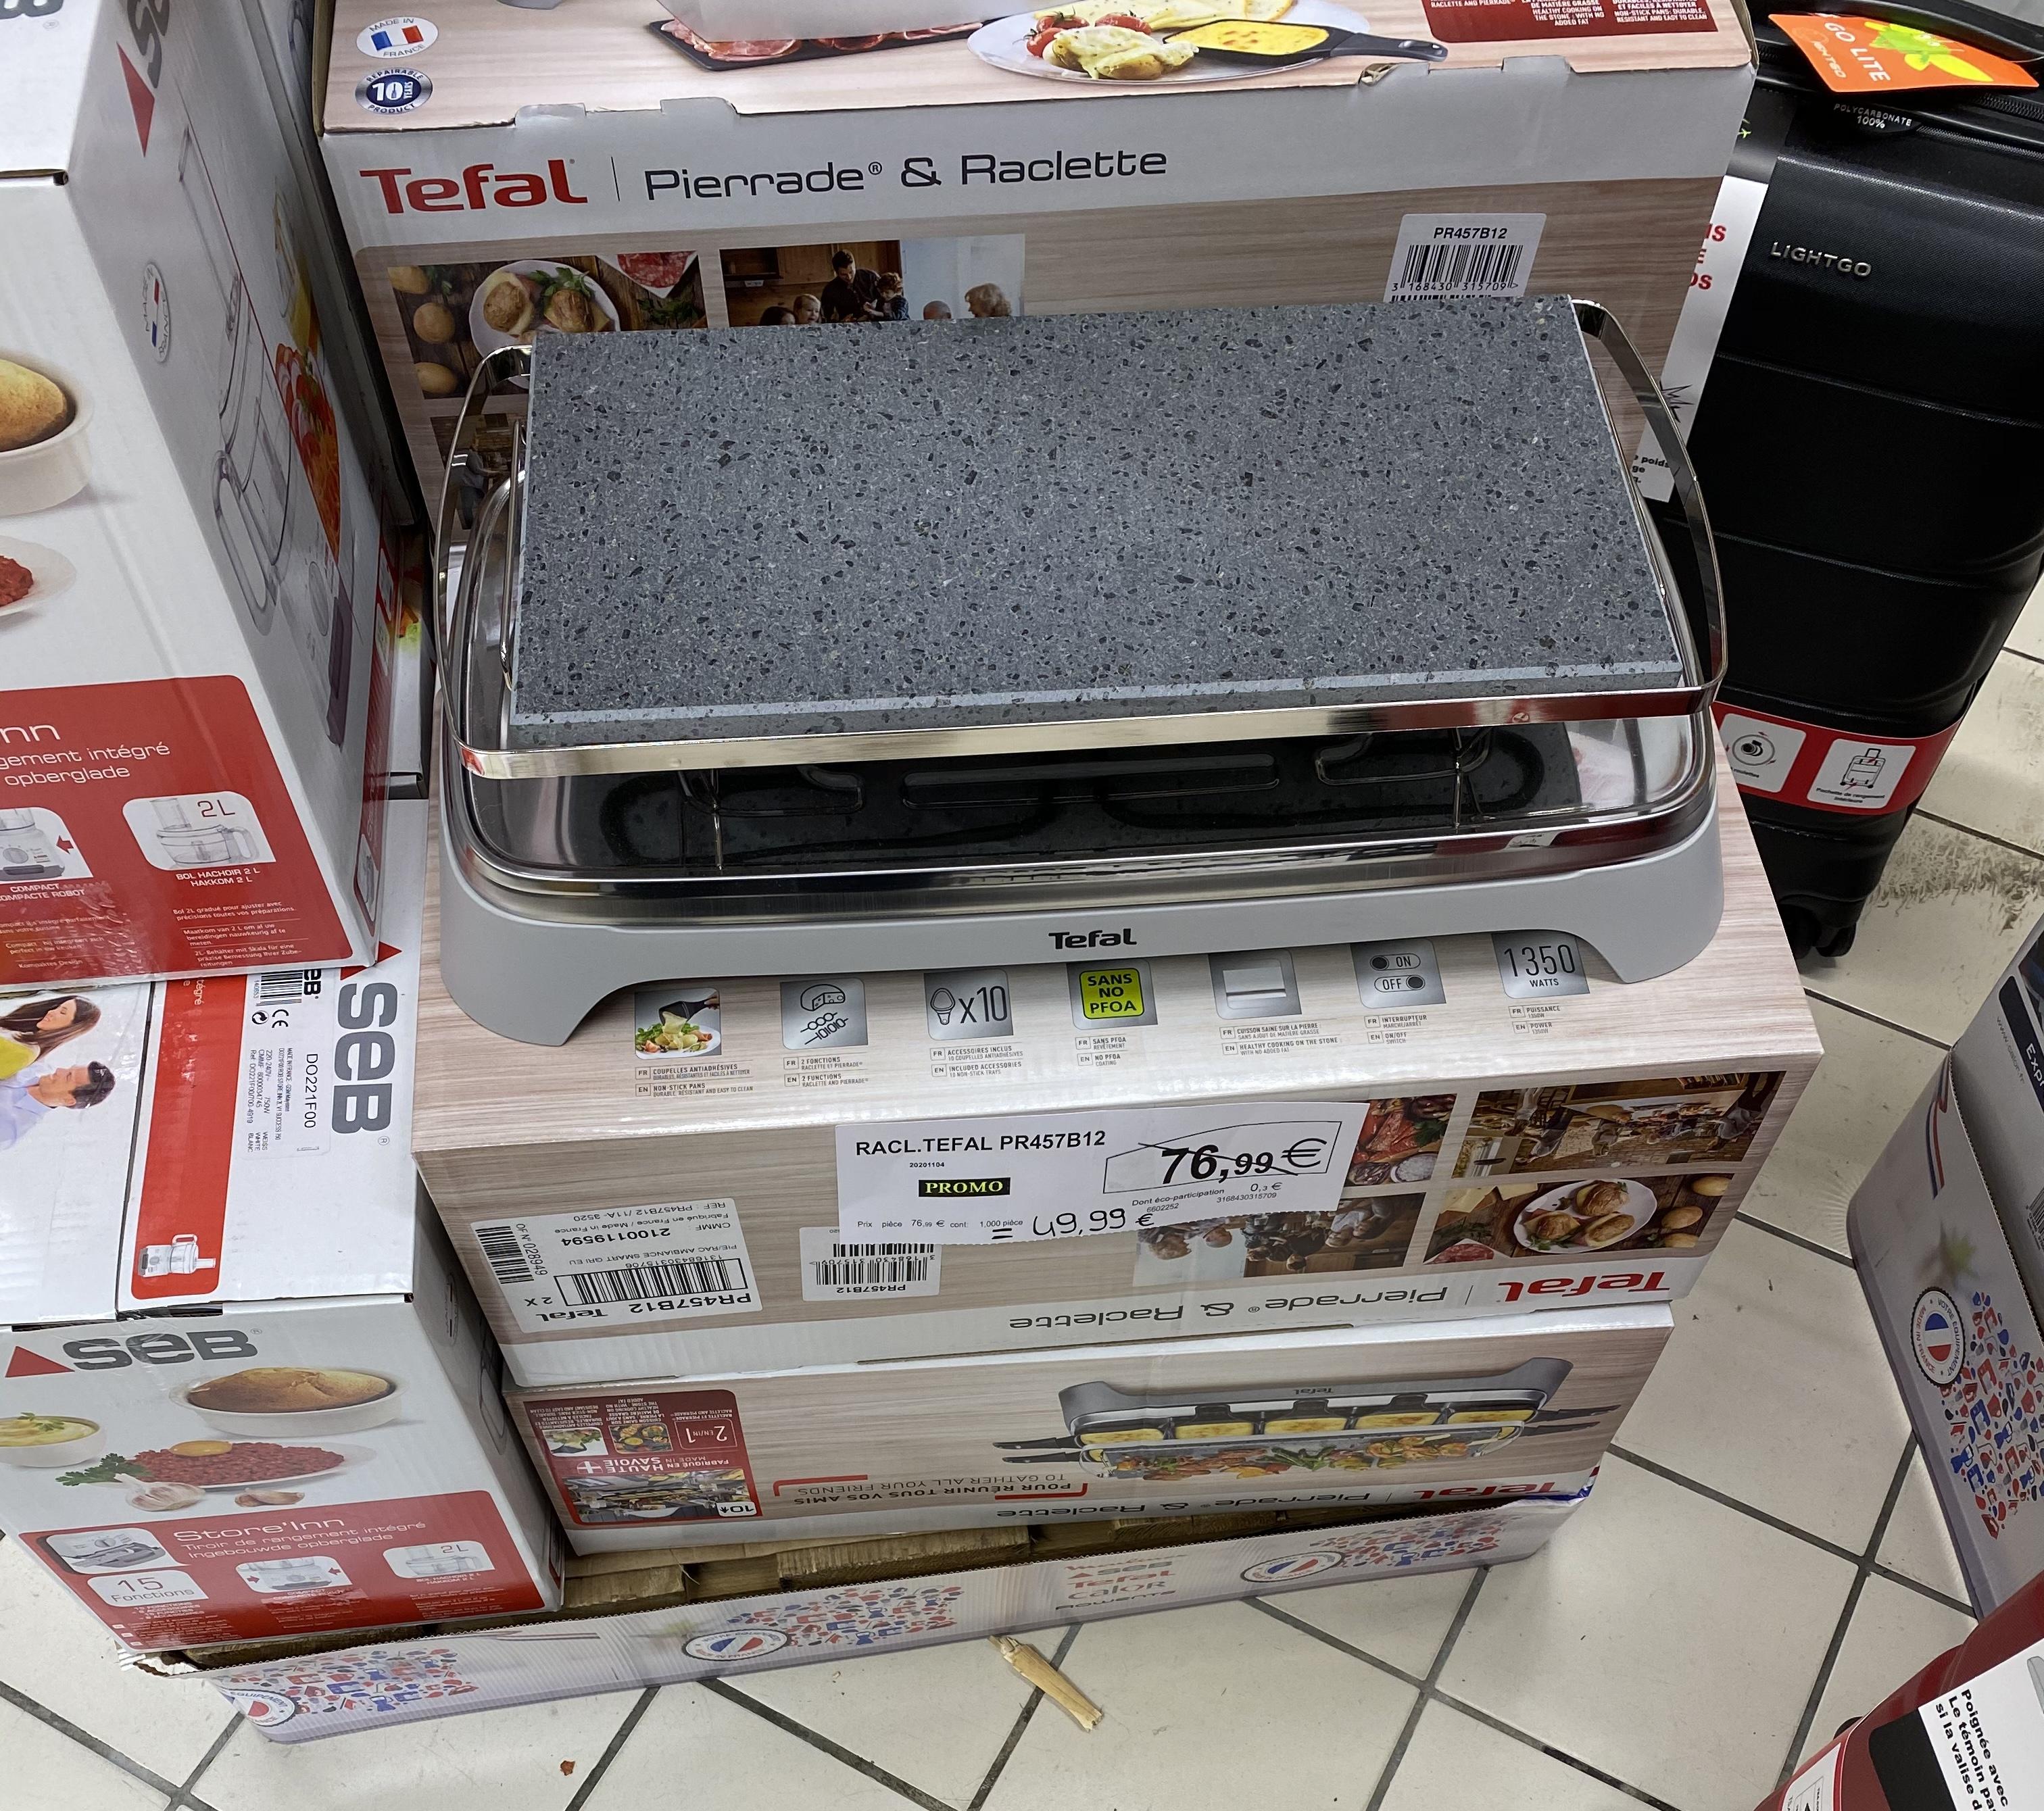 Appareil à raclette et pierrade Tefal PR457B12 - Super U Masseube (32)